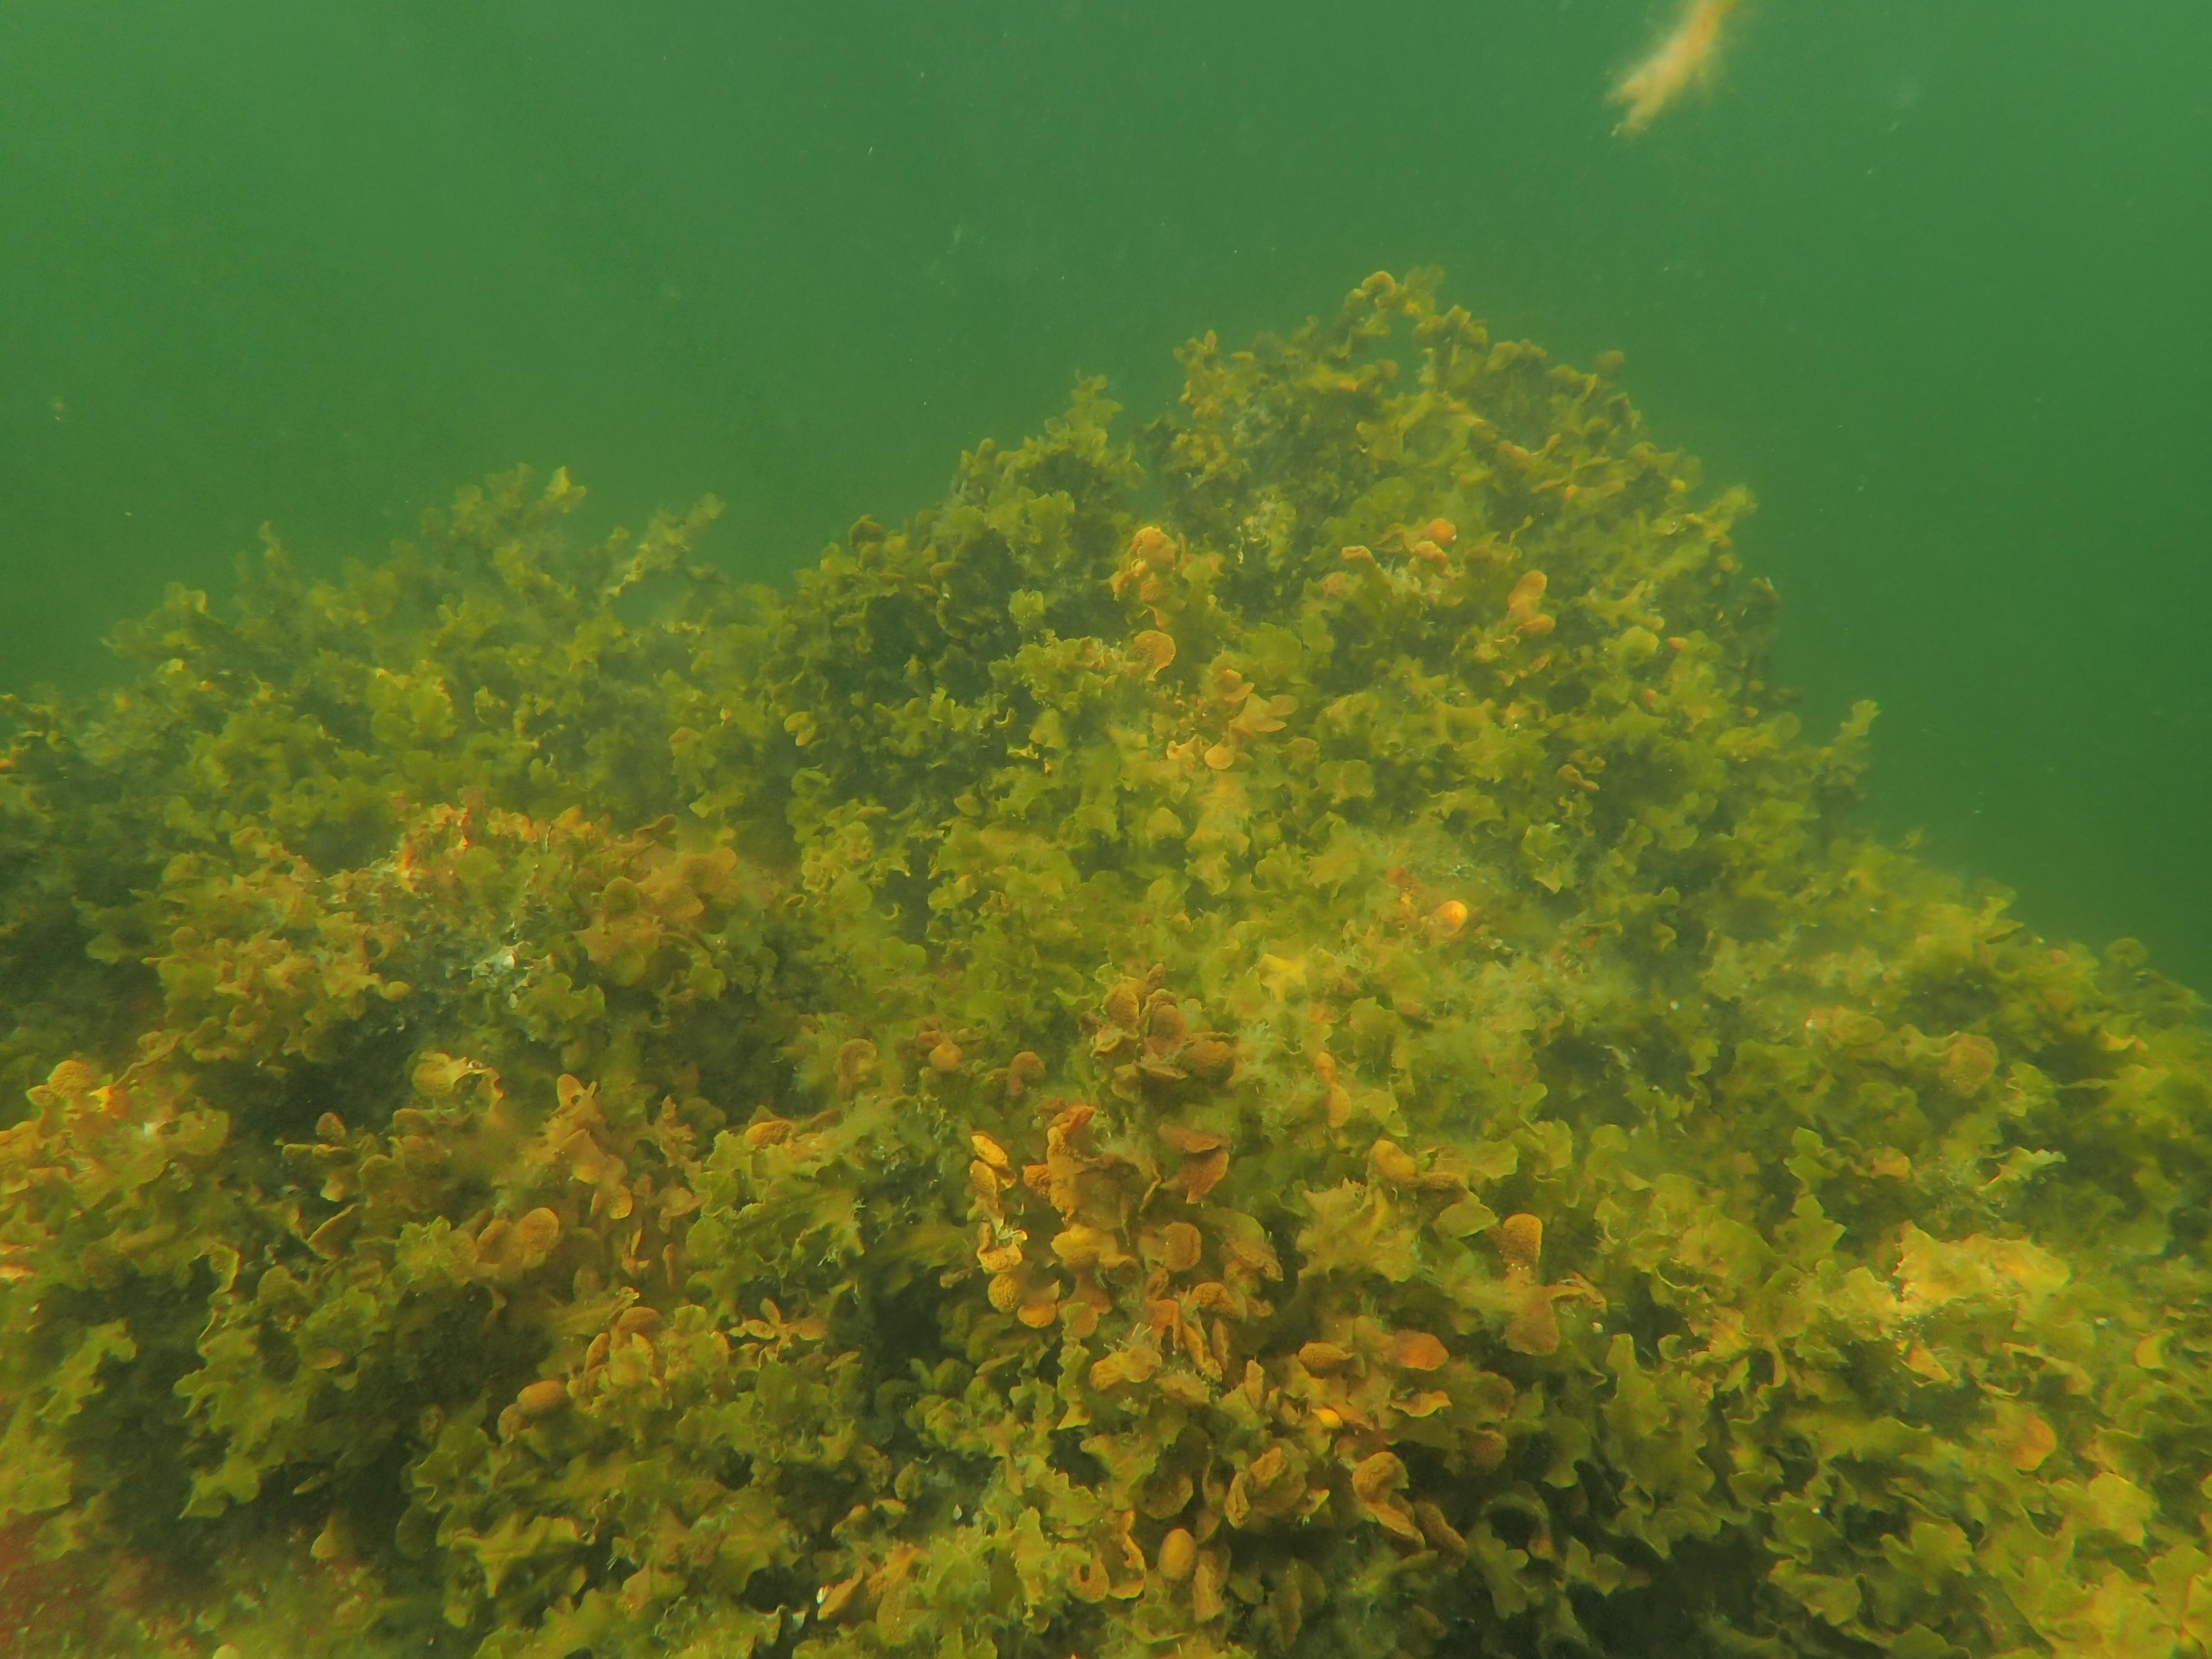 Varldens storsta alg ny turistattraktion